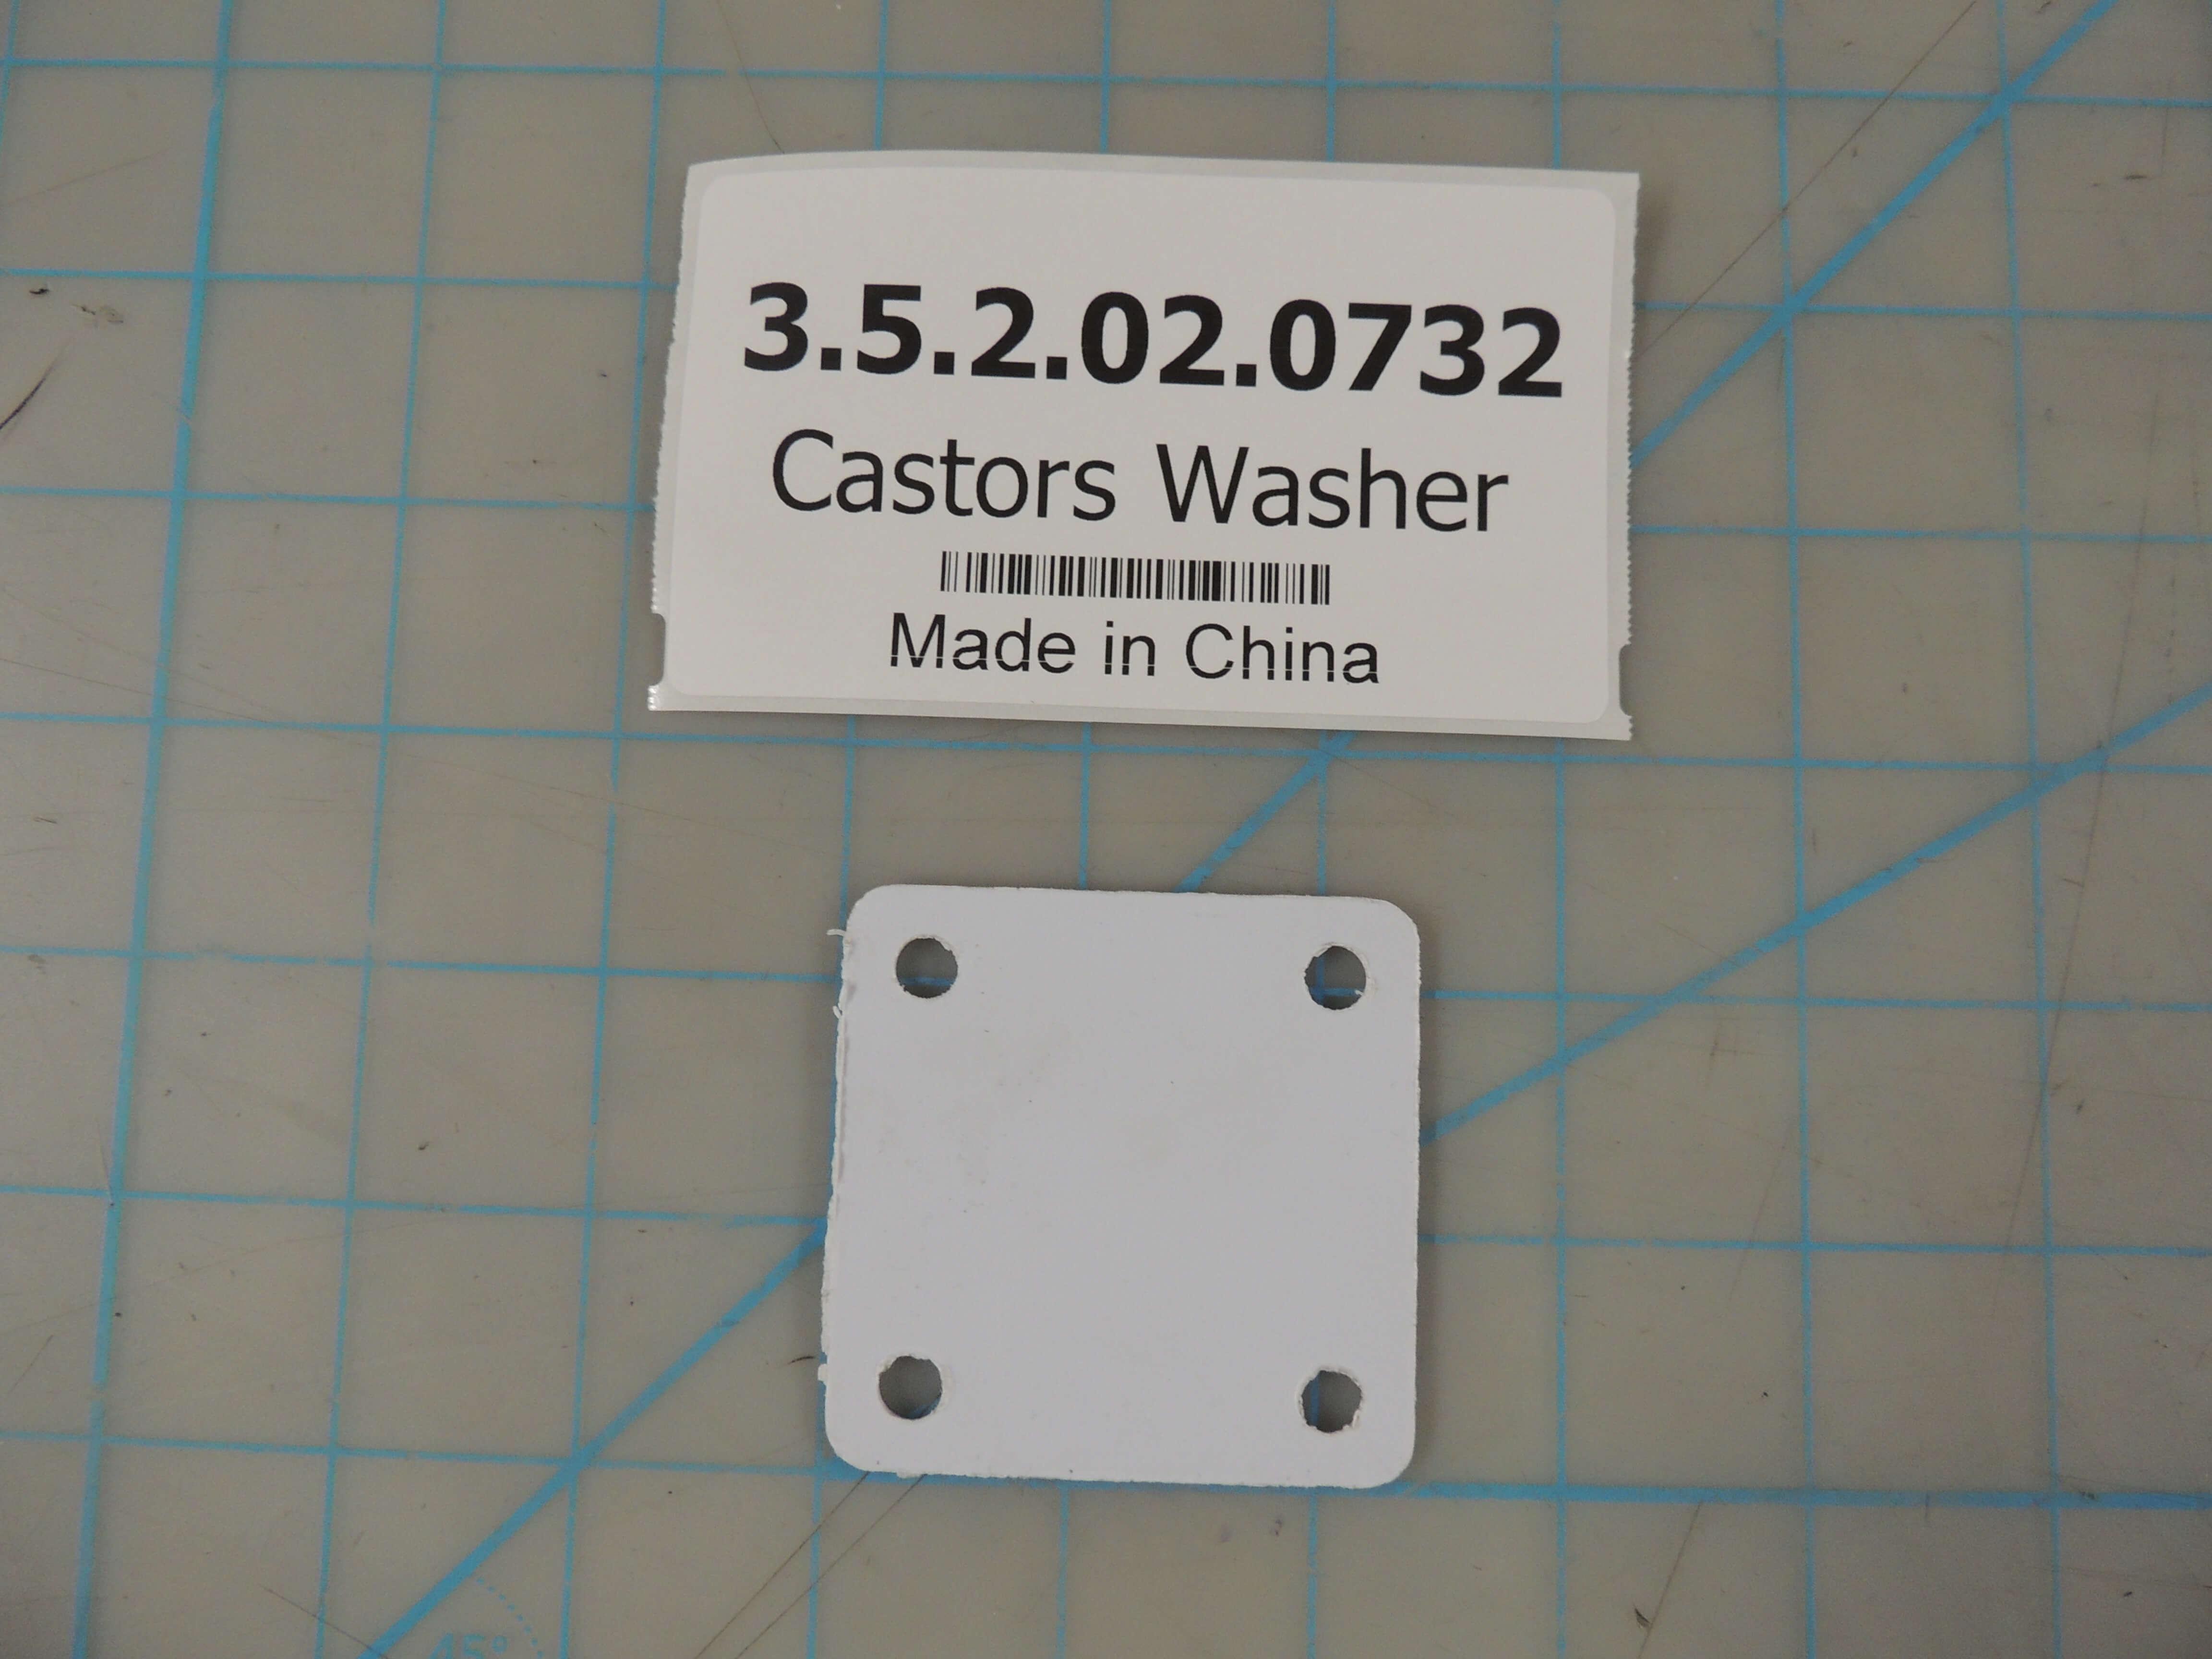 Castors Washer